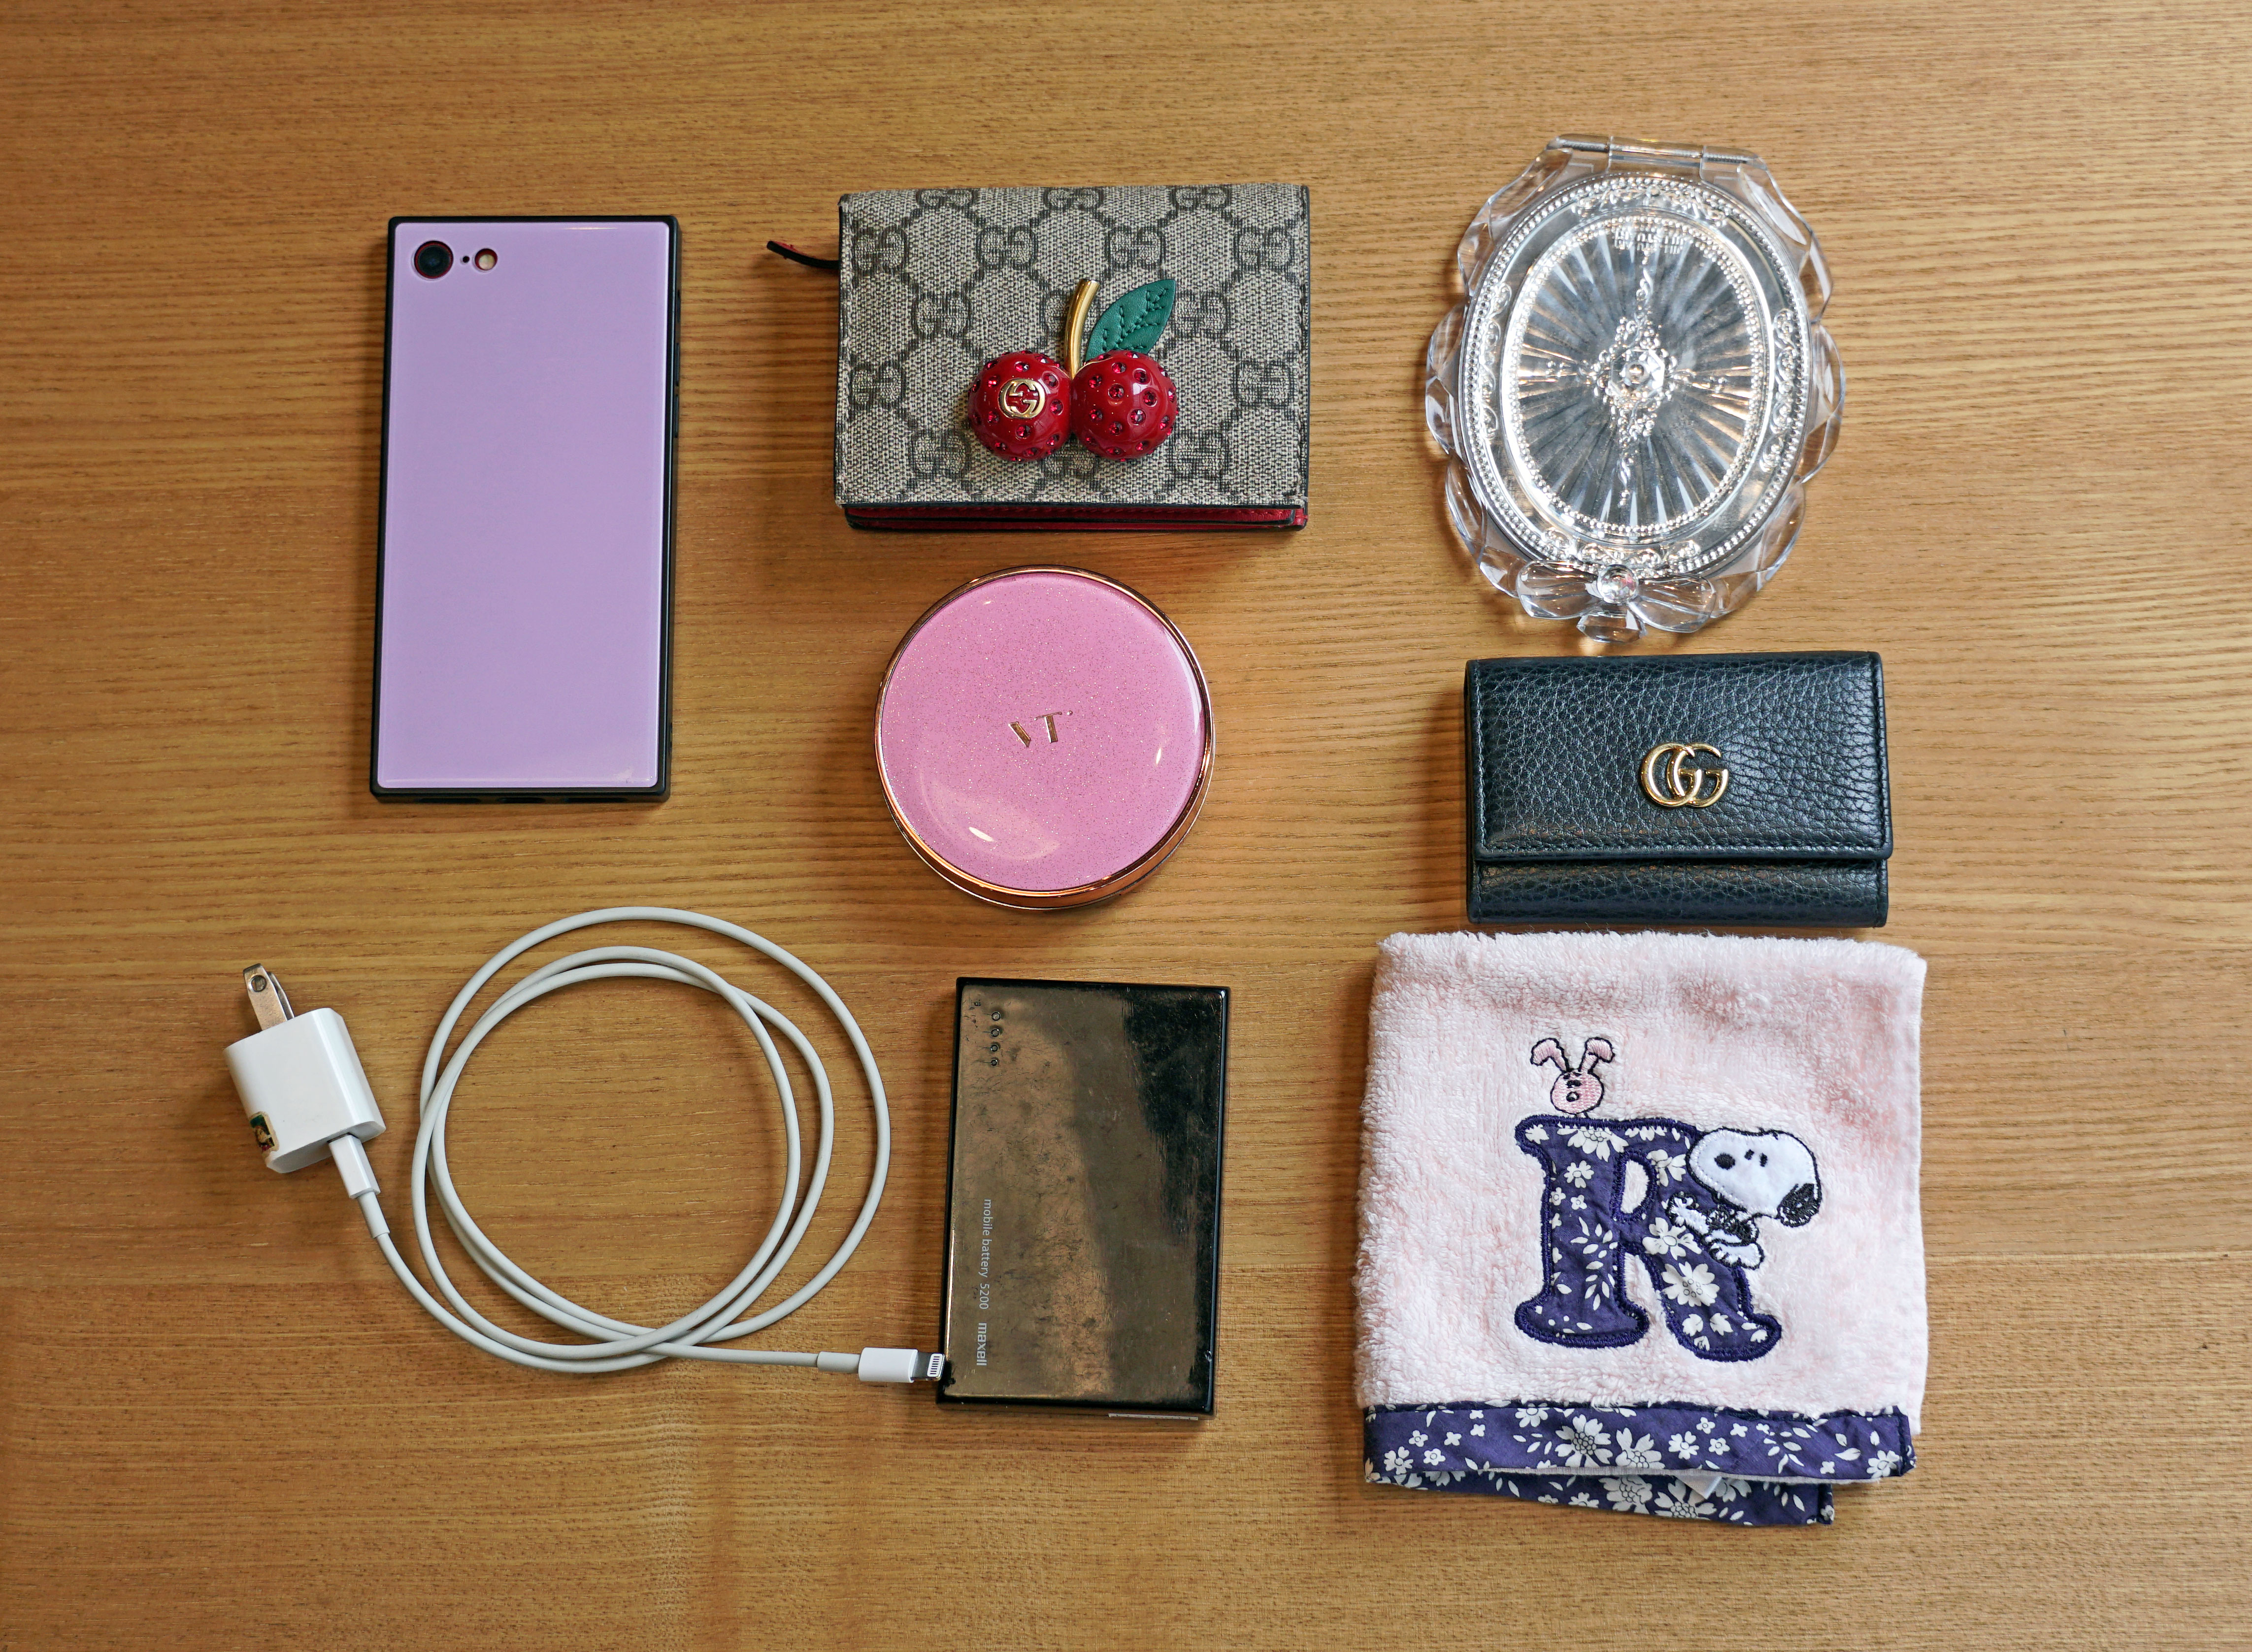 iPadと日用品が整然と収まるミニマルなバッグが欲しい①